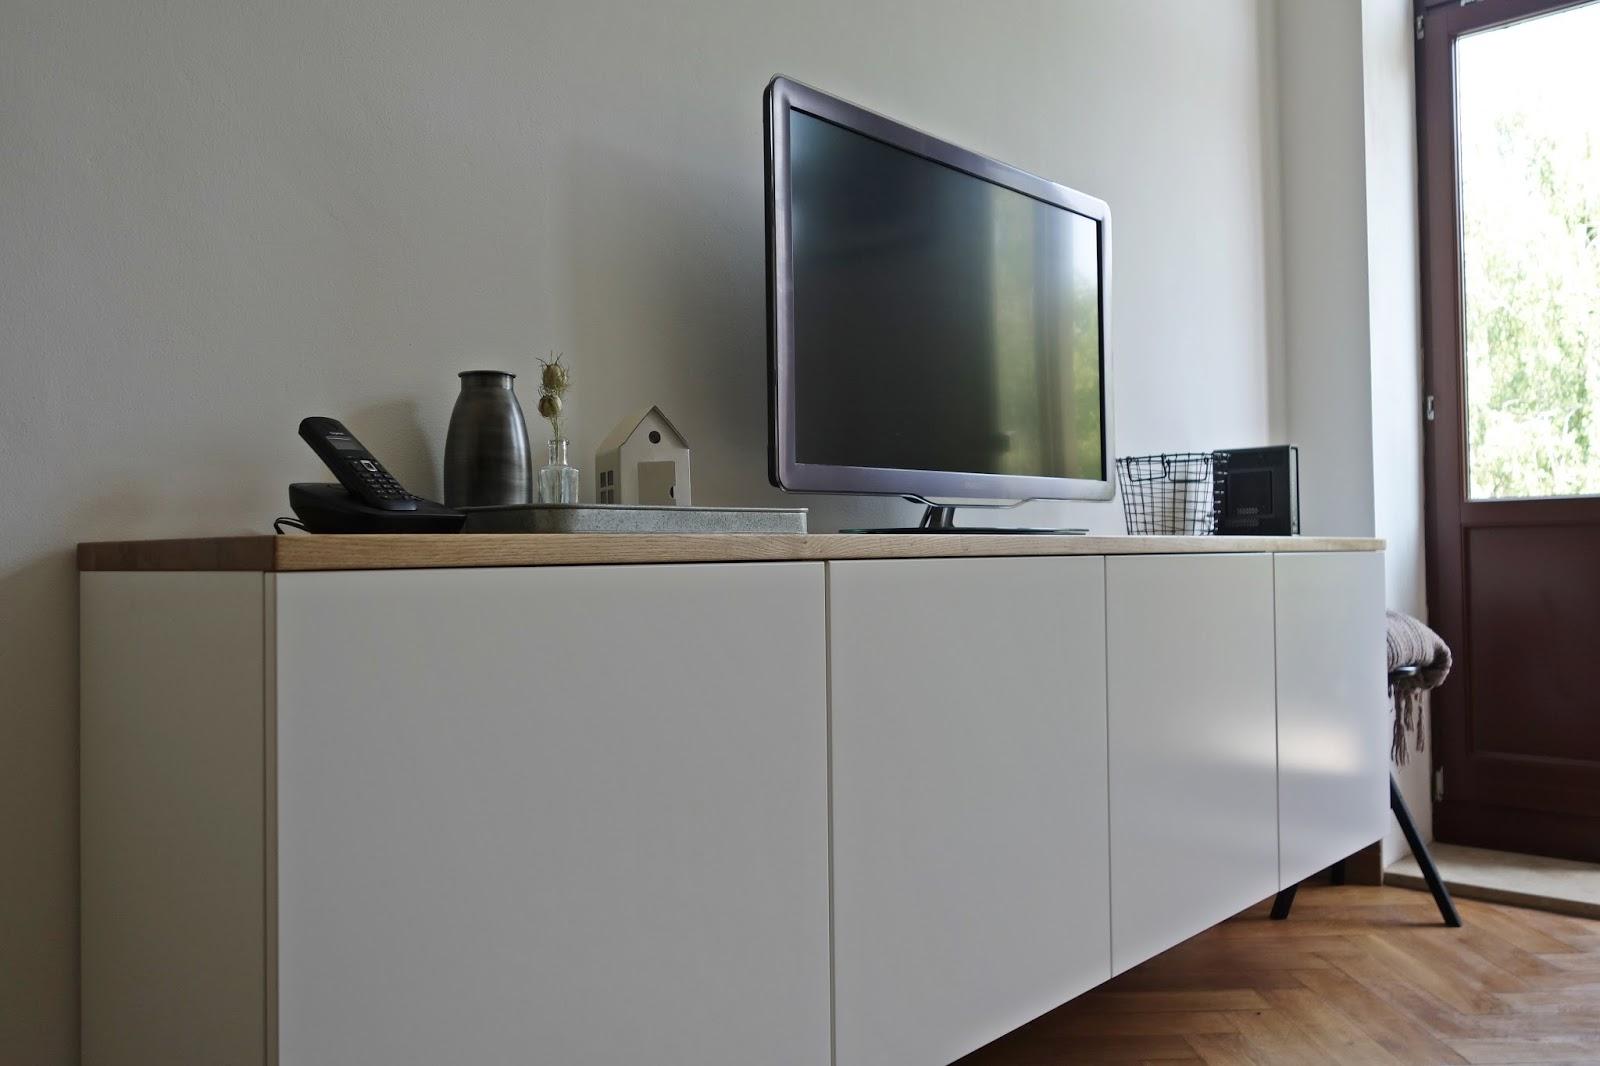 madolescent liebt diy k chenoberschr nke werden zum schwebenden sideboard. Black Bedroom Furniture Sets. Home Design Ideas